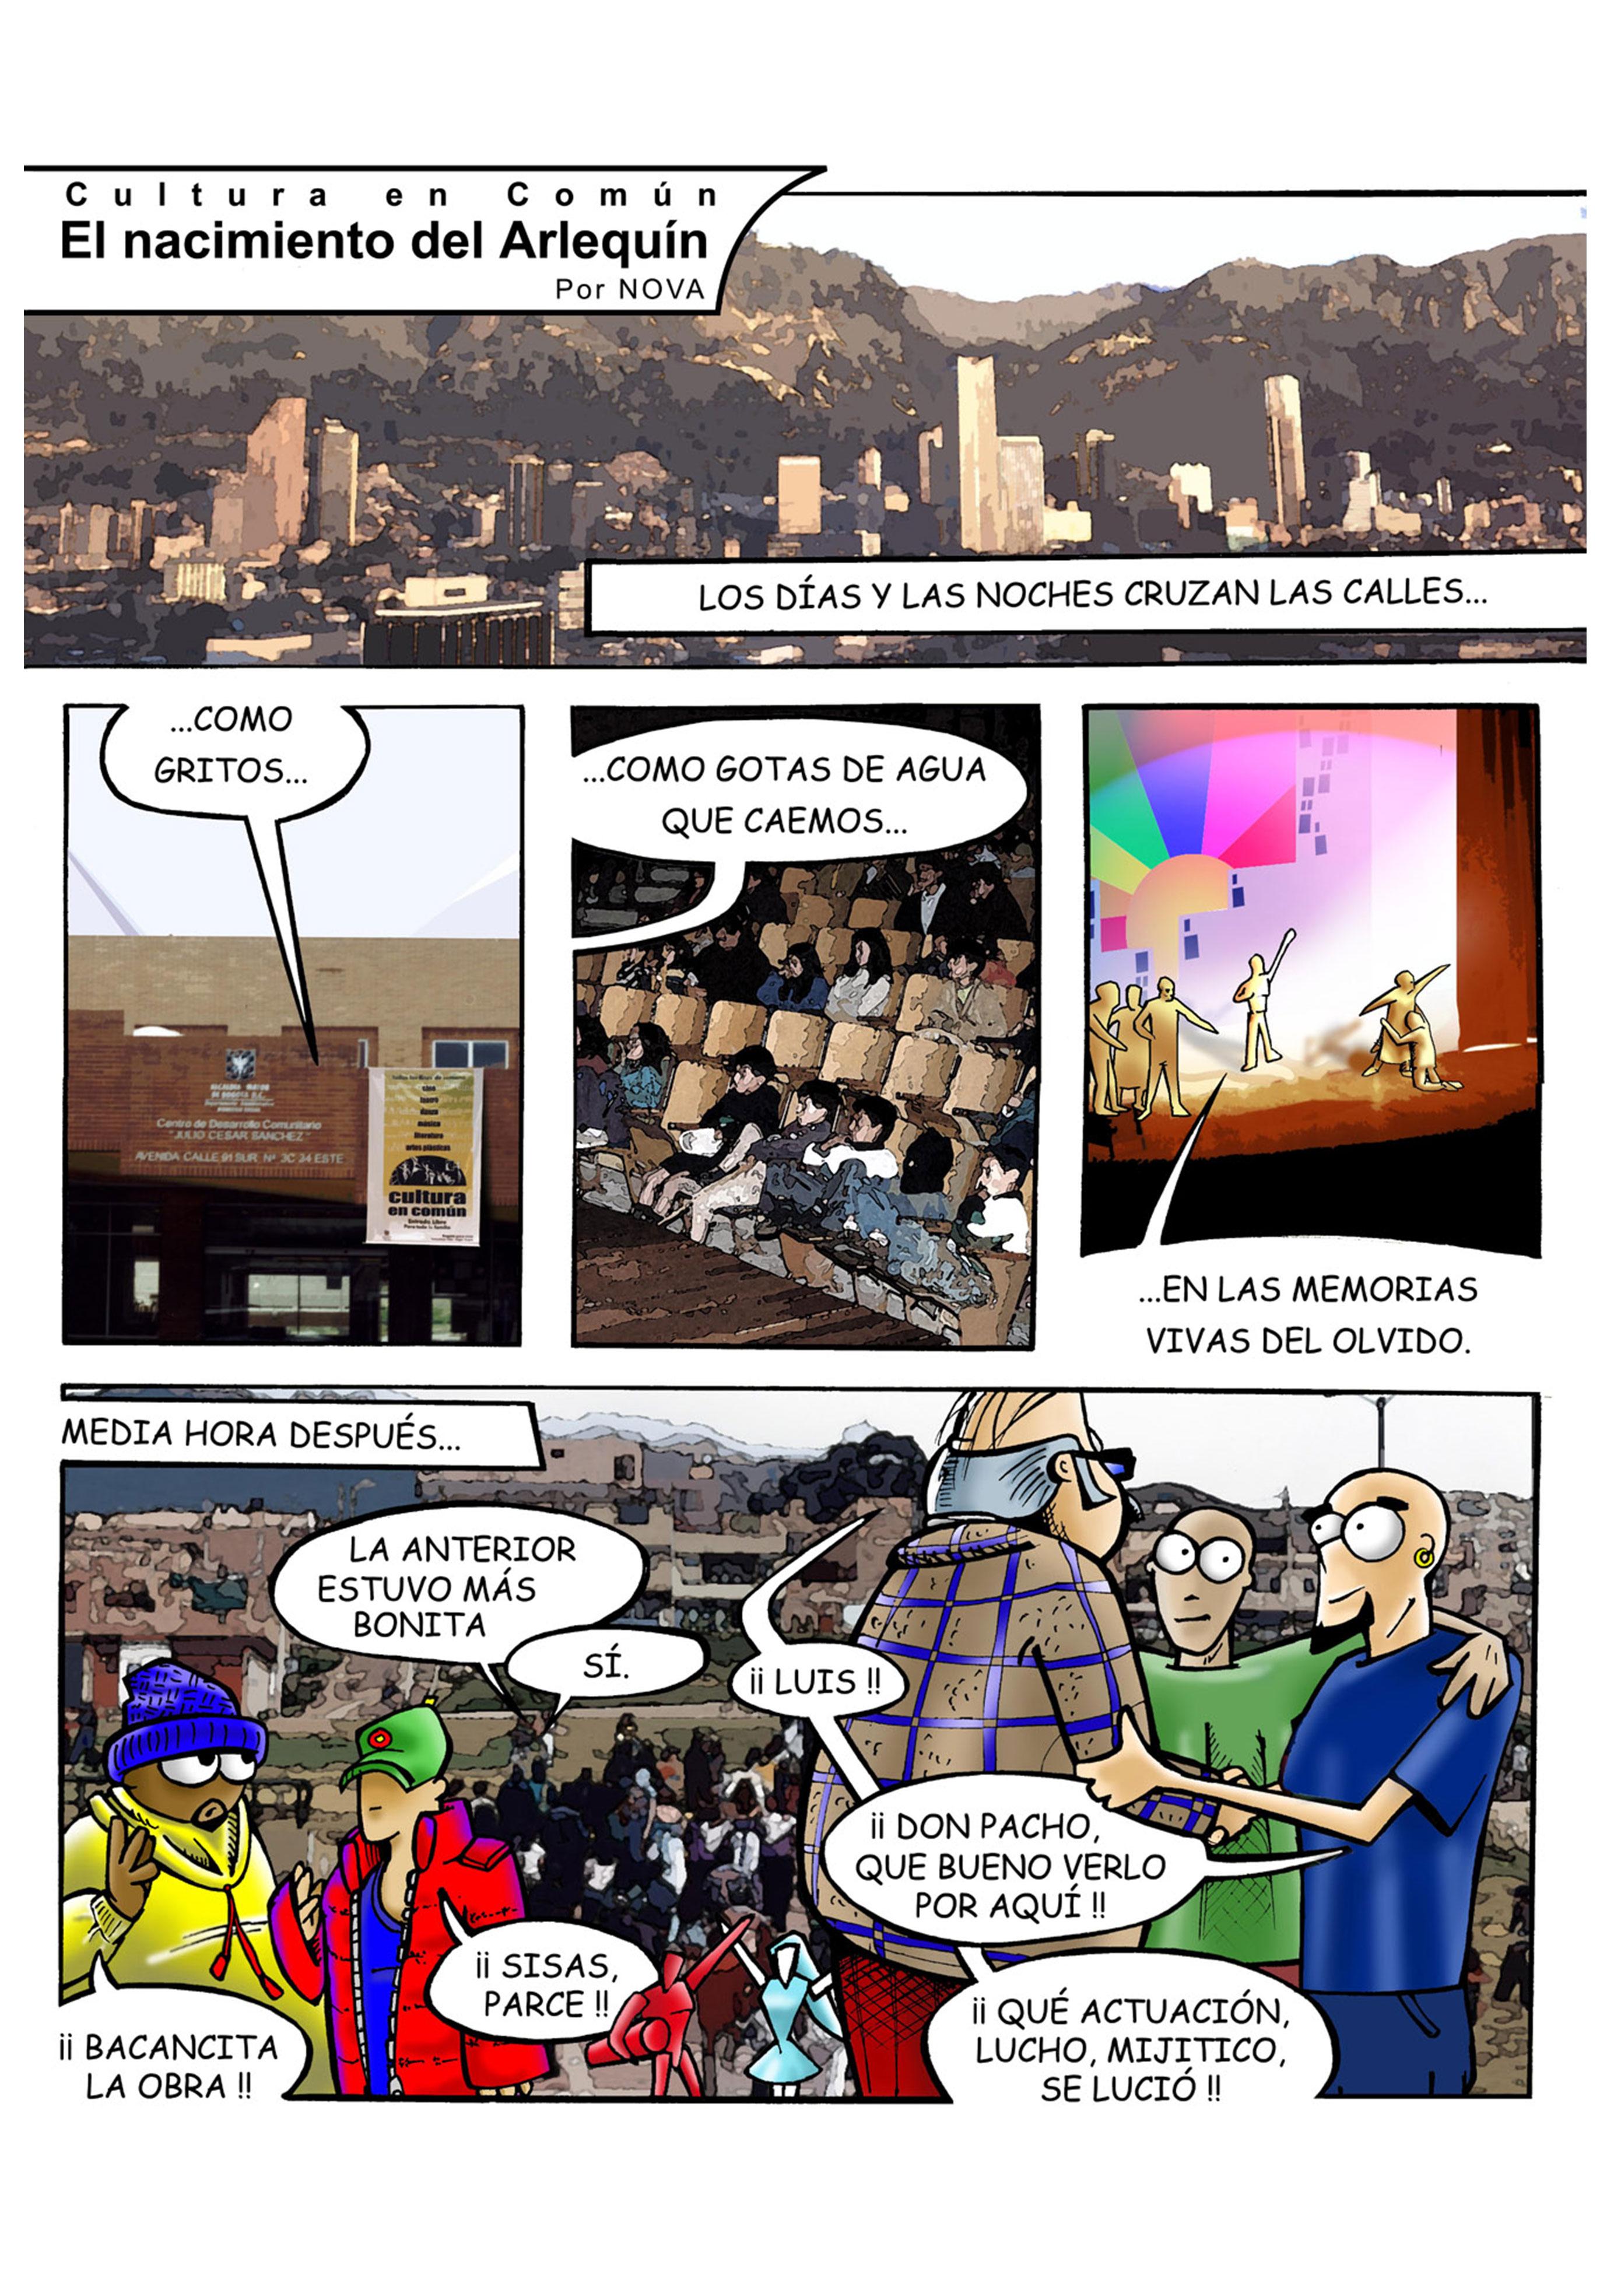 El nacimiento del Arlequín